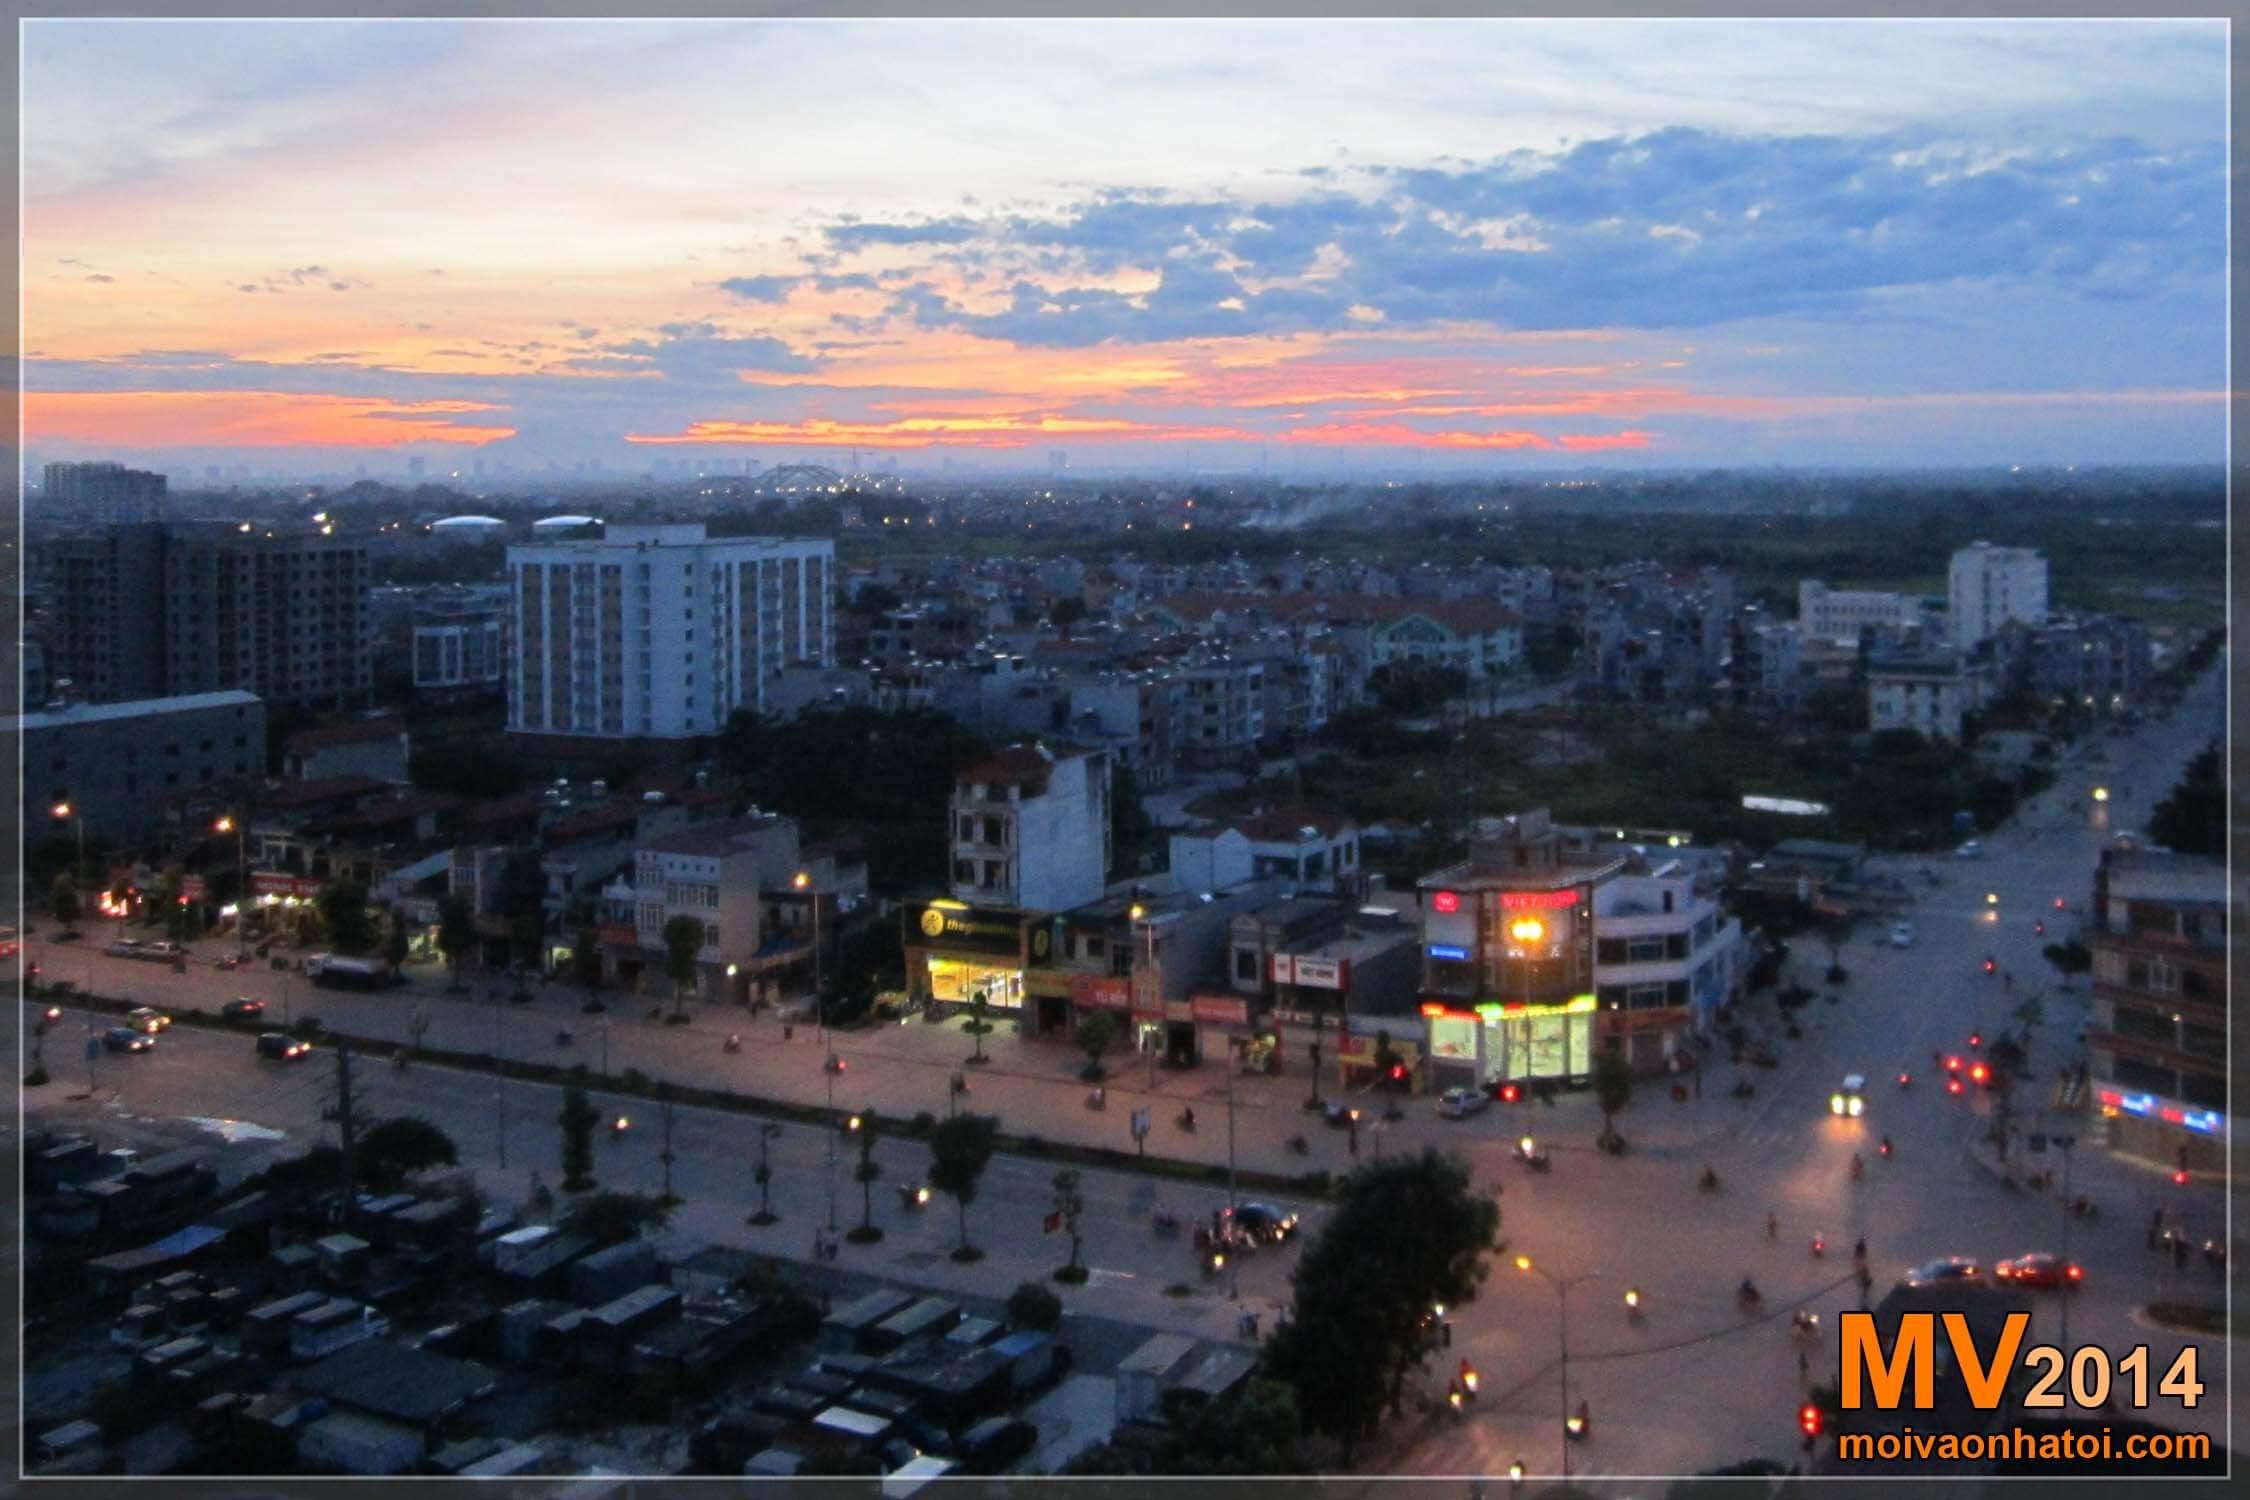 Hình ảnh đường Ngô Gia Tự buổi chiều nhìn từ căn hộ chung cư Việt Hưng H3